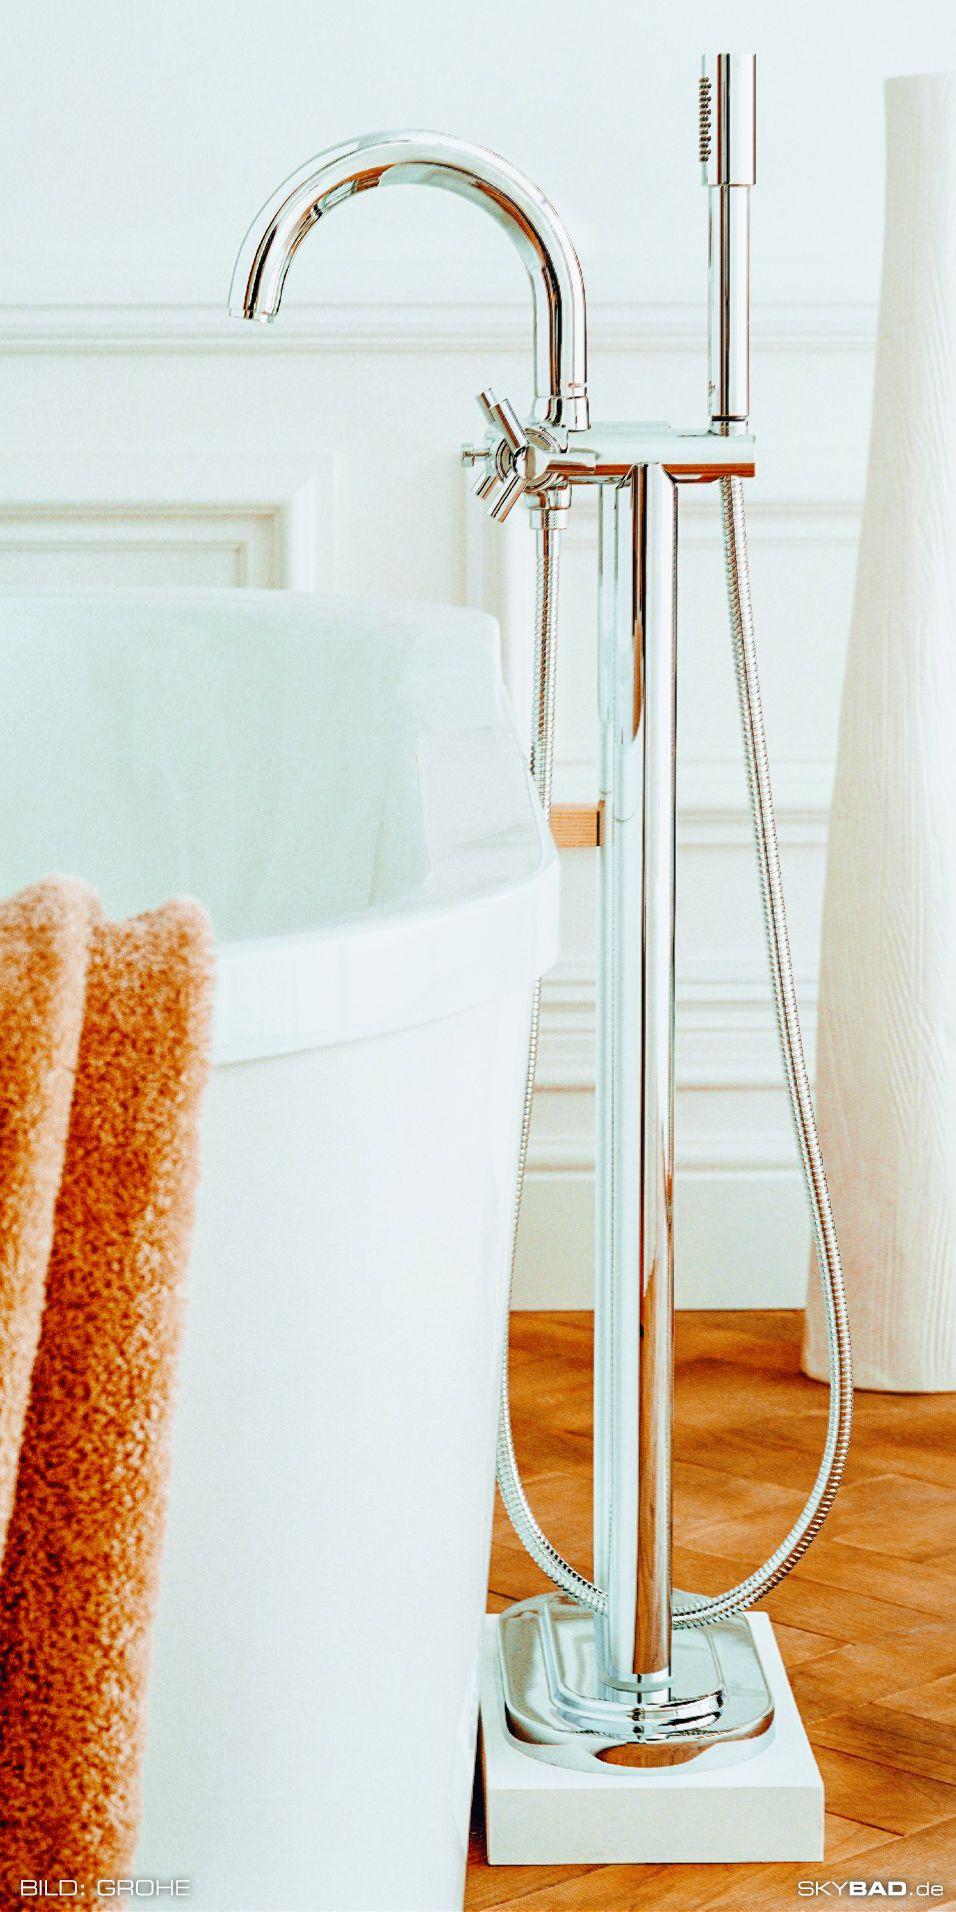 Traumhafte Grohe Badewannen Armatur Im Badezimmer Skybad De In 2020 Badewanne Aufsatzwaschbecken Kleine Badezimmer